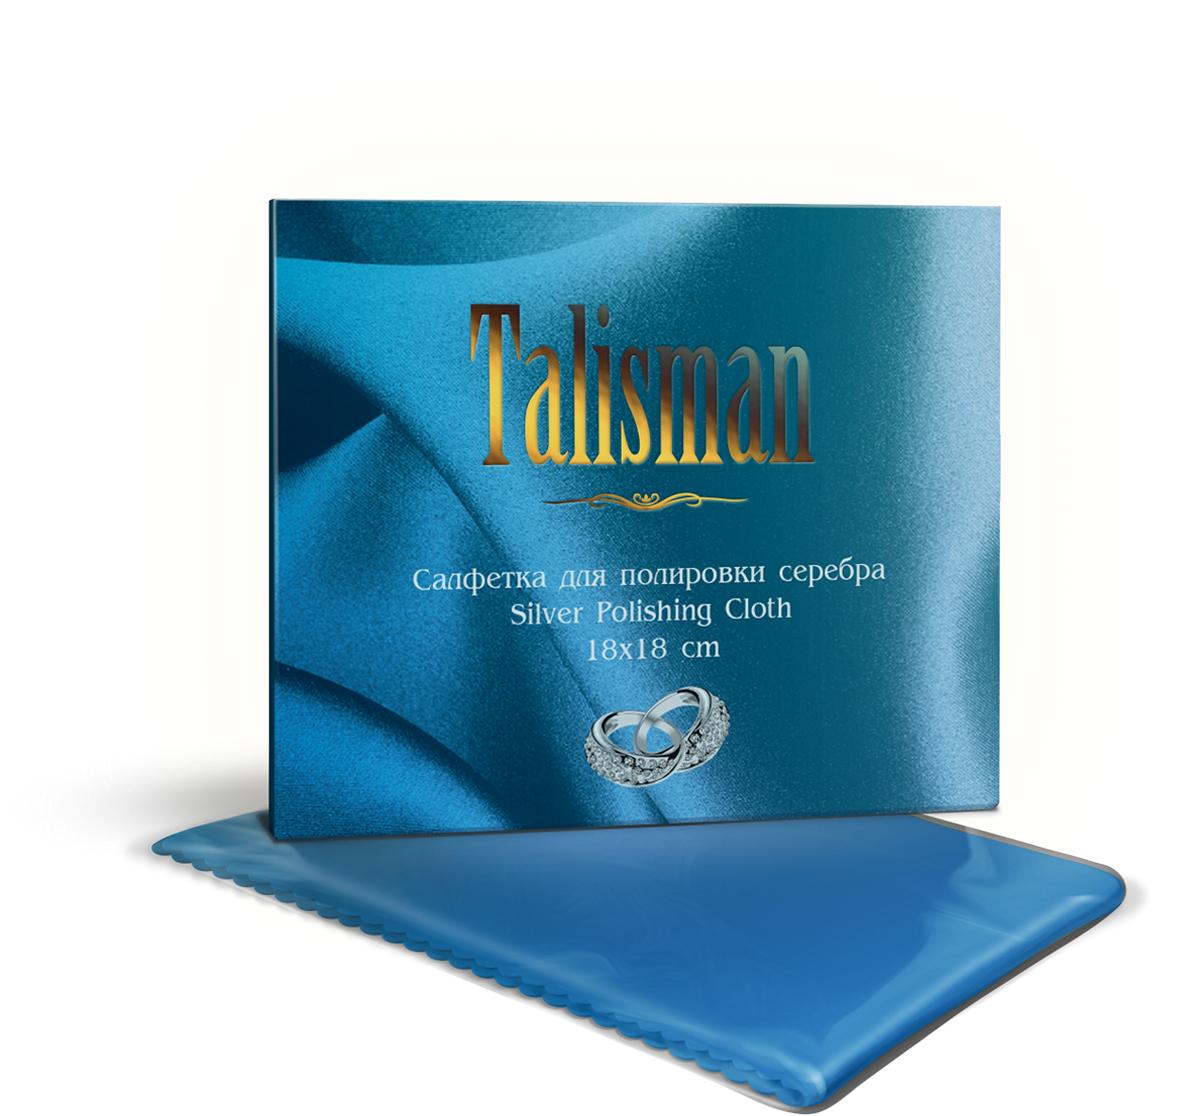 Полировальная салфетка для серебра,18*18391602Салфетка для полировки и придания зеркального блеска ювелирным украшениям из серебра. Проста и удобна в применении.